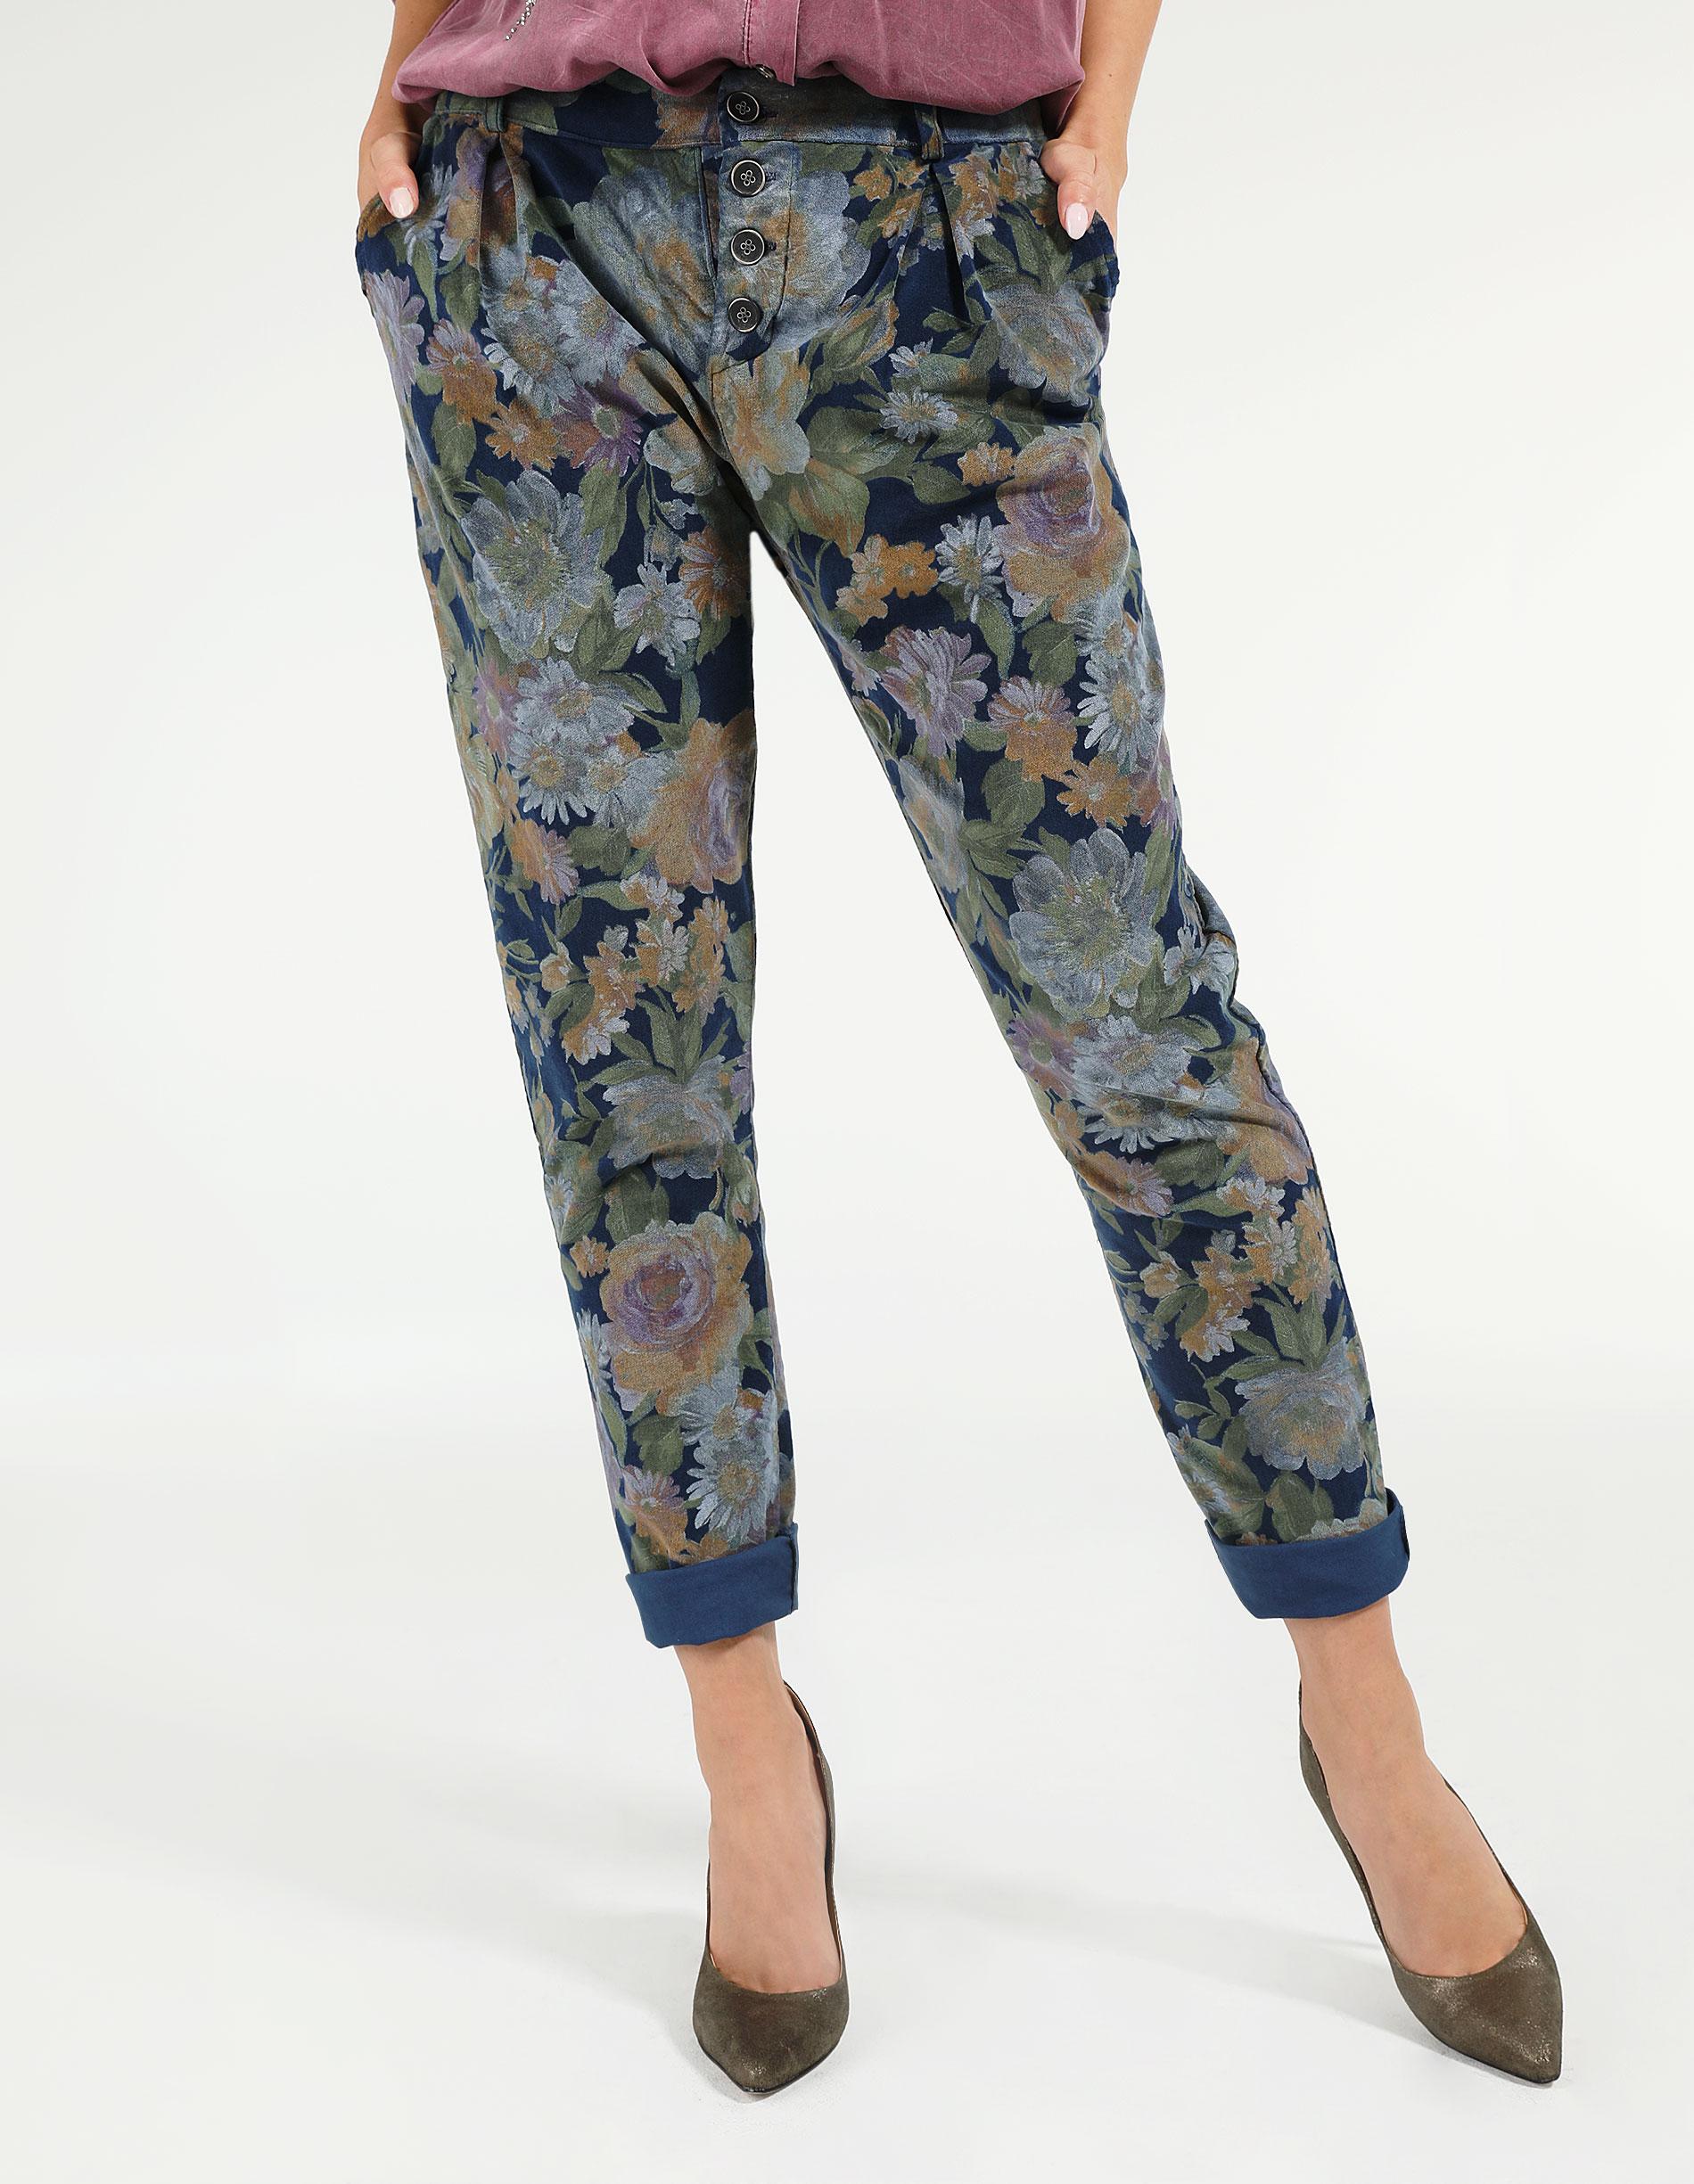 Spodnie - 169-2071-1 BL - Unisono